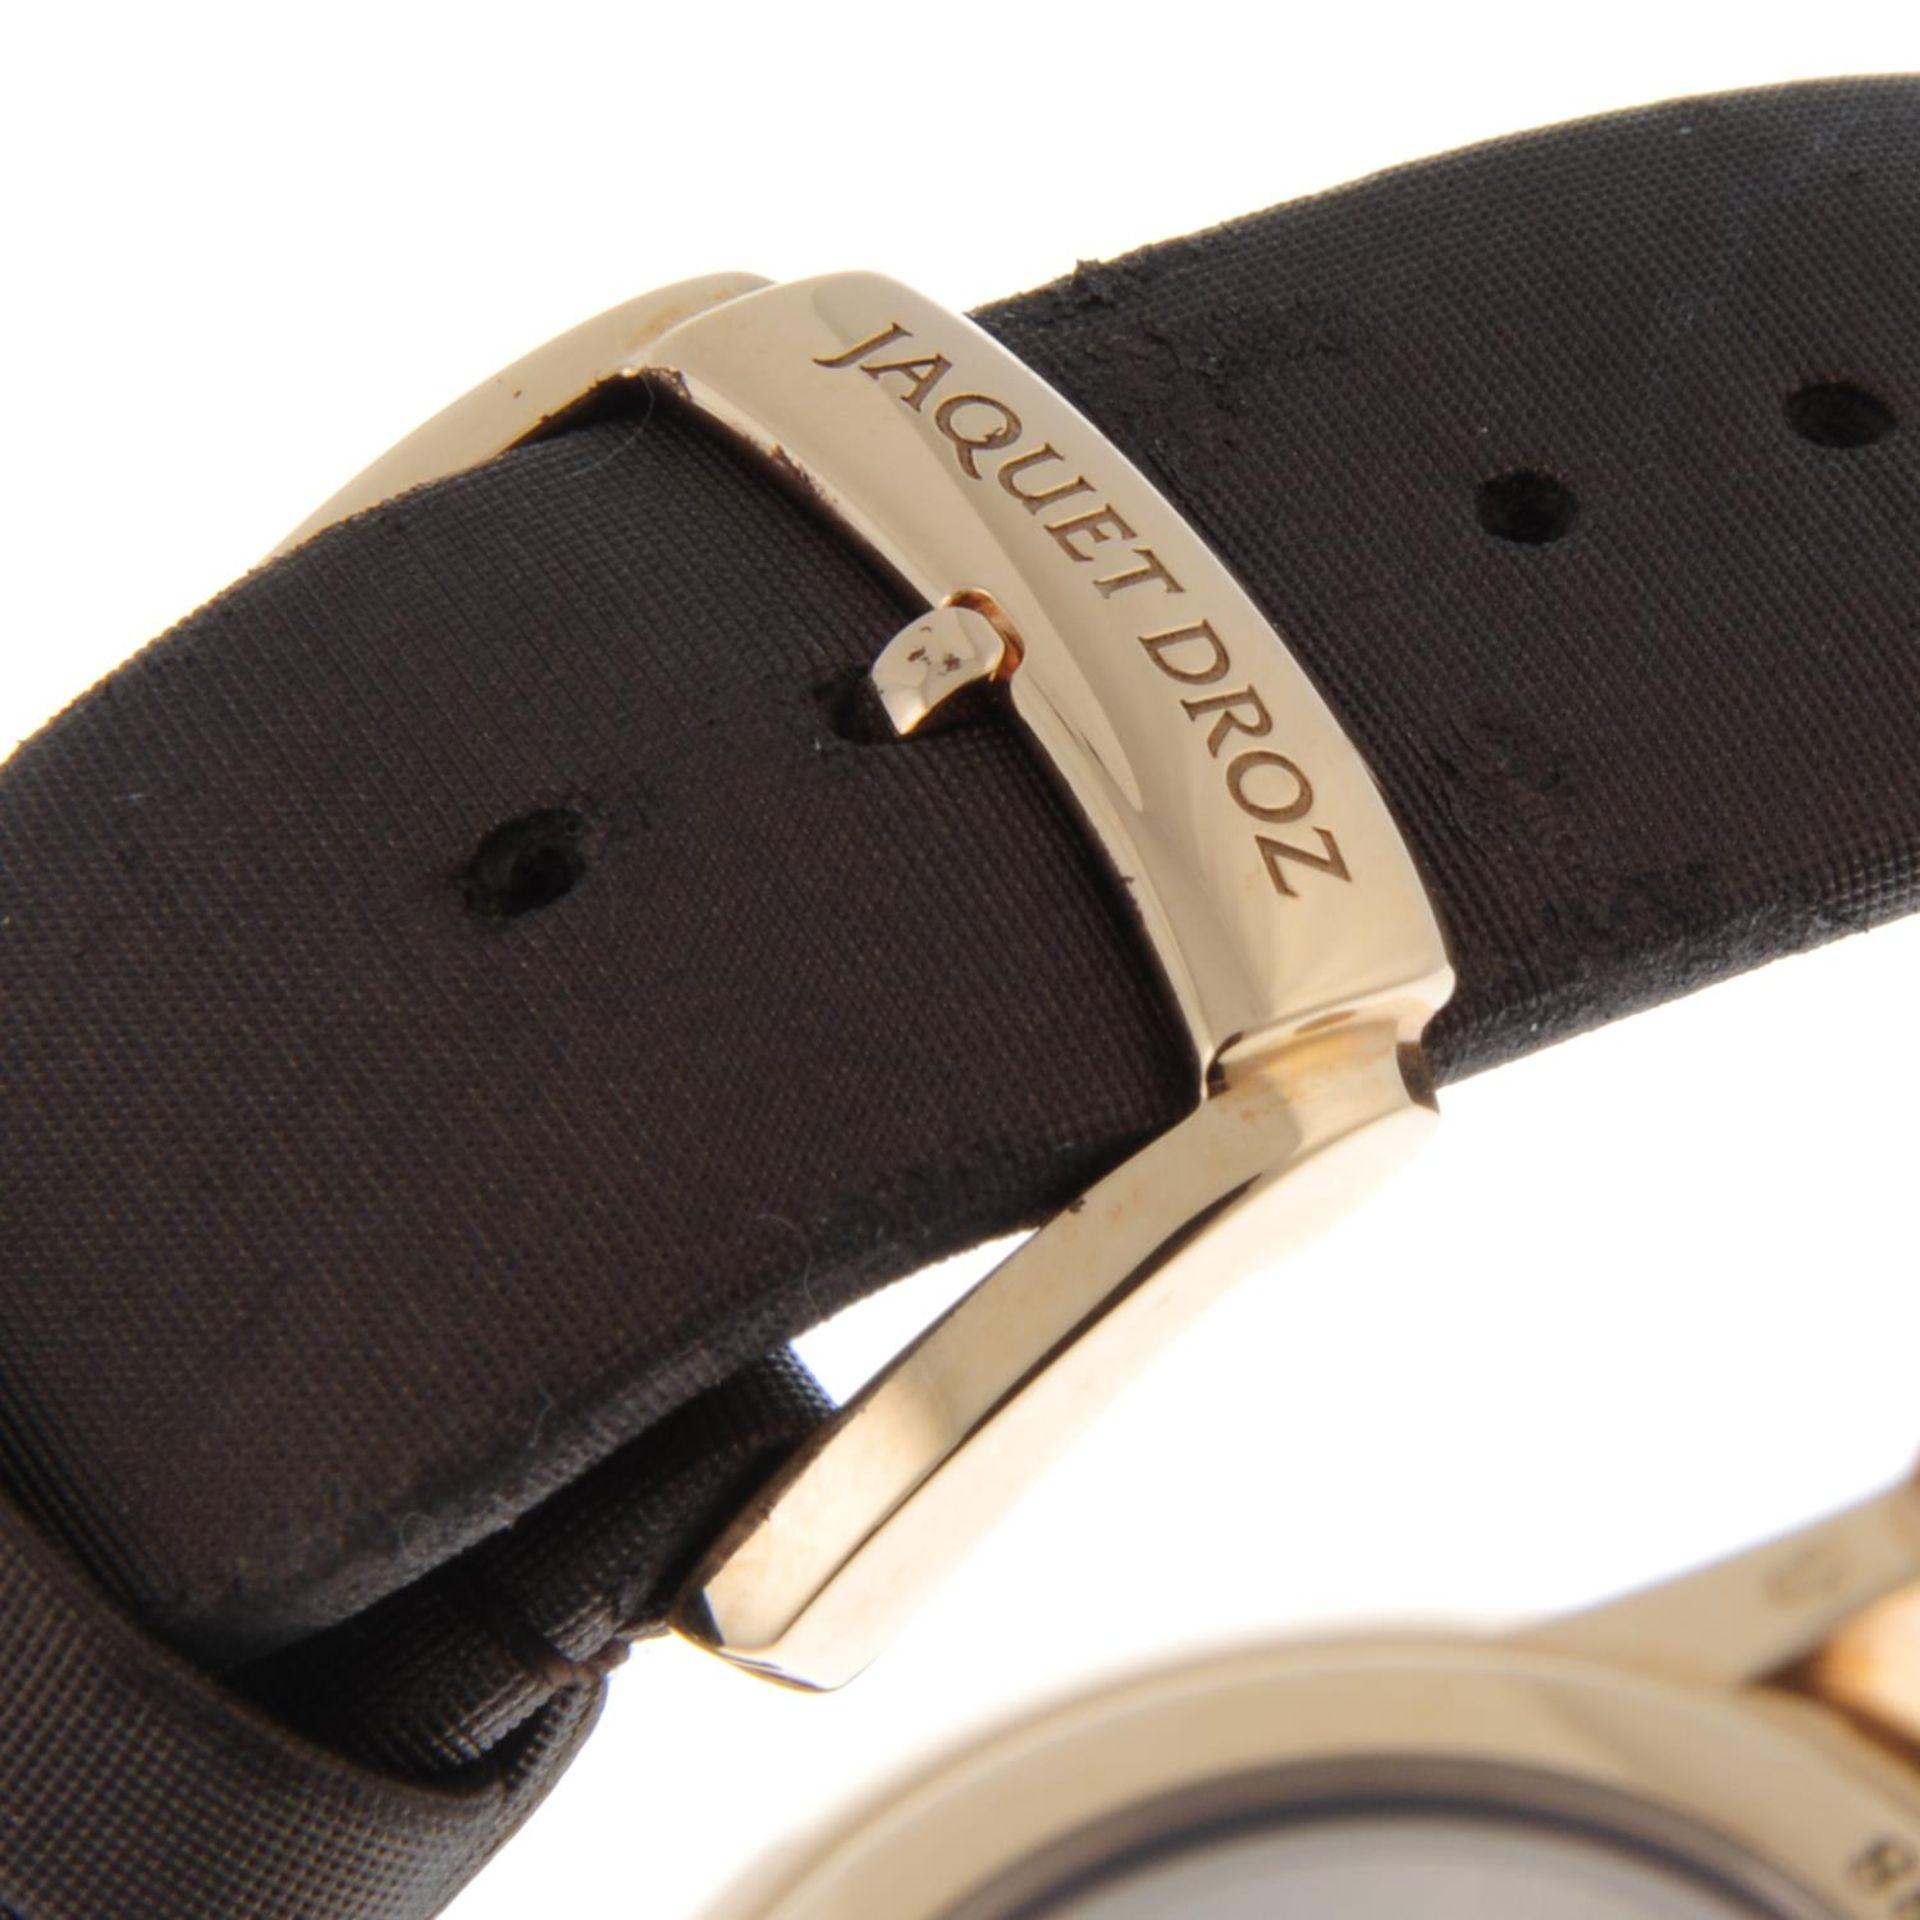 JAQUET DROZ - a limited edition Petite Heure Minute Art Deco wrist watch. - Bild 5 aus 6